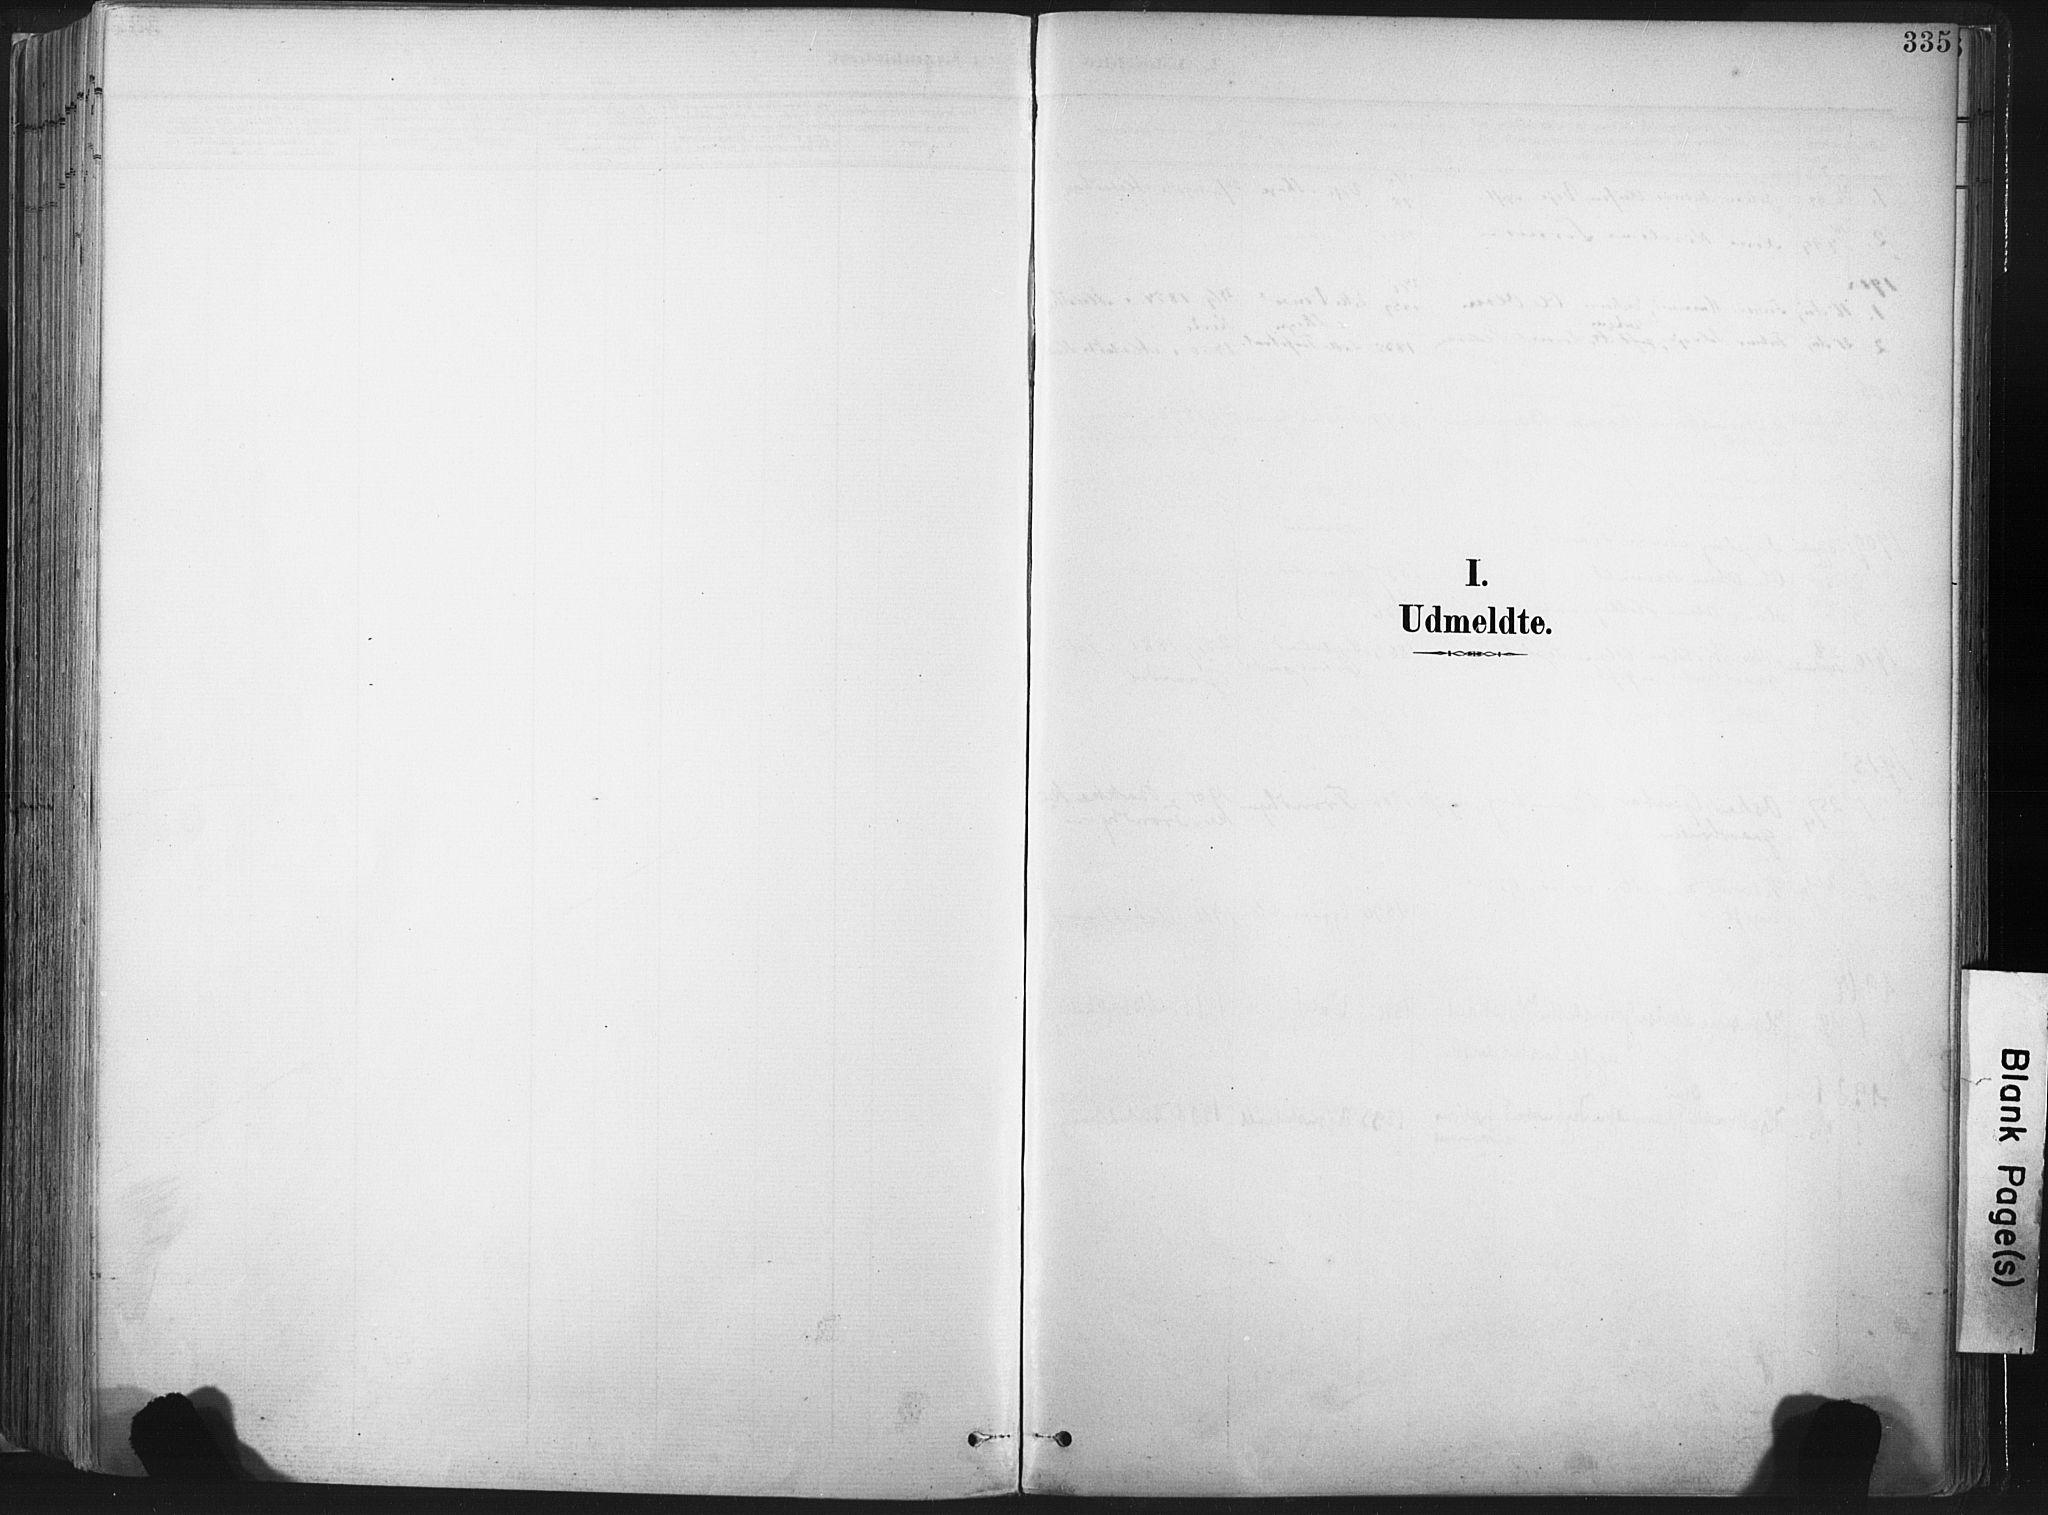 SAT, Ministerialprotokoller, klokkerbøker og fødselsregistre - Nord-Trøndelag, 717/L0162: Ministerialbok nr. 717A12, 1898-1923, s. 335